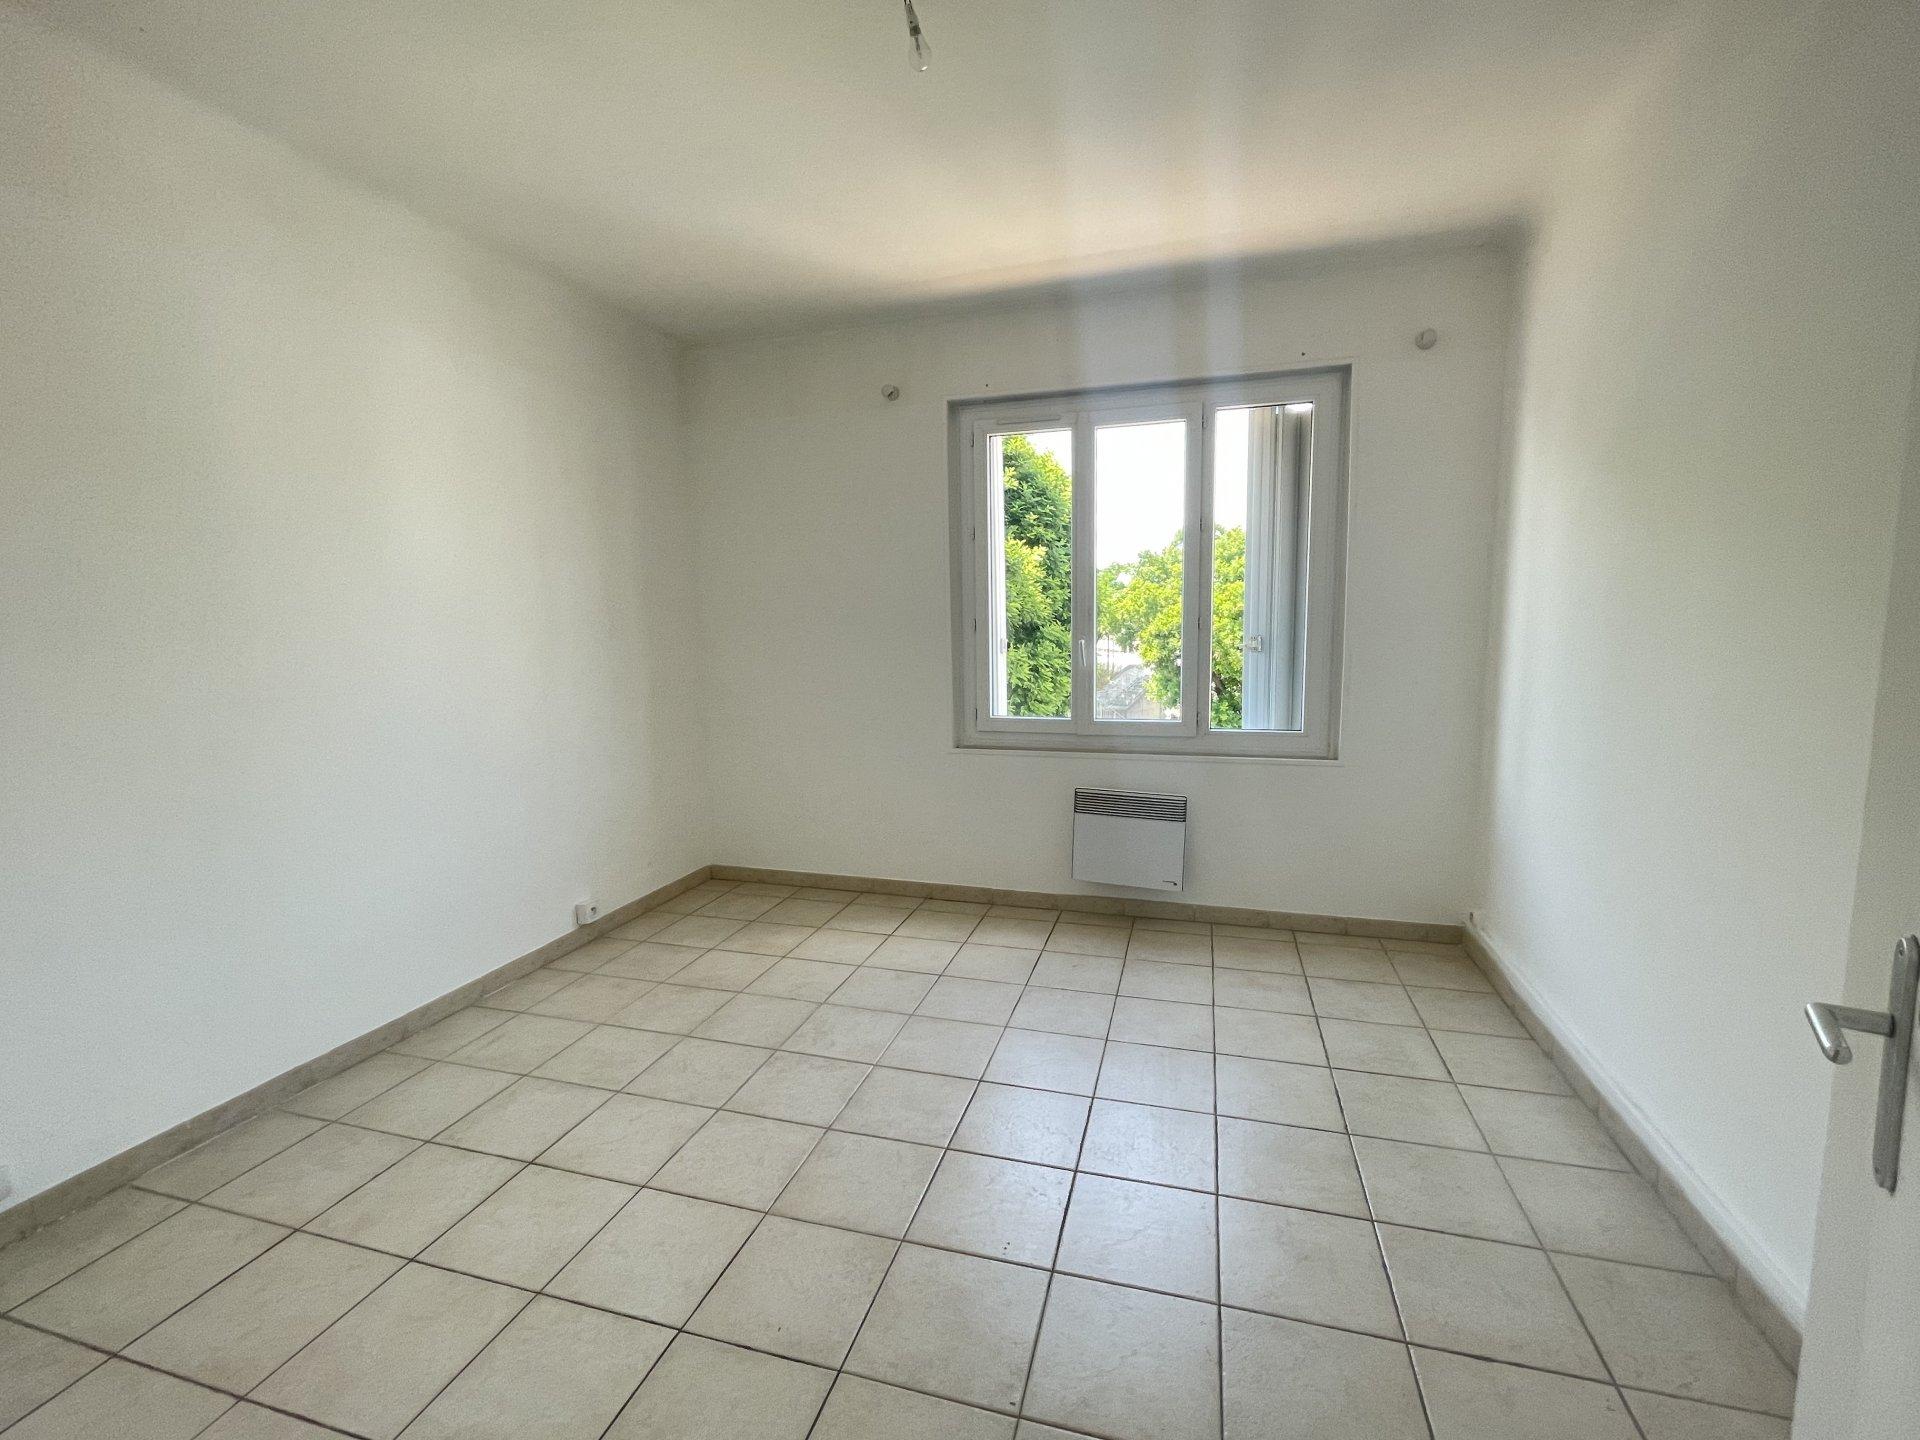 Location Appartement TARASCON séjour de 18.9 m²